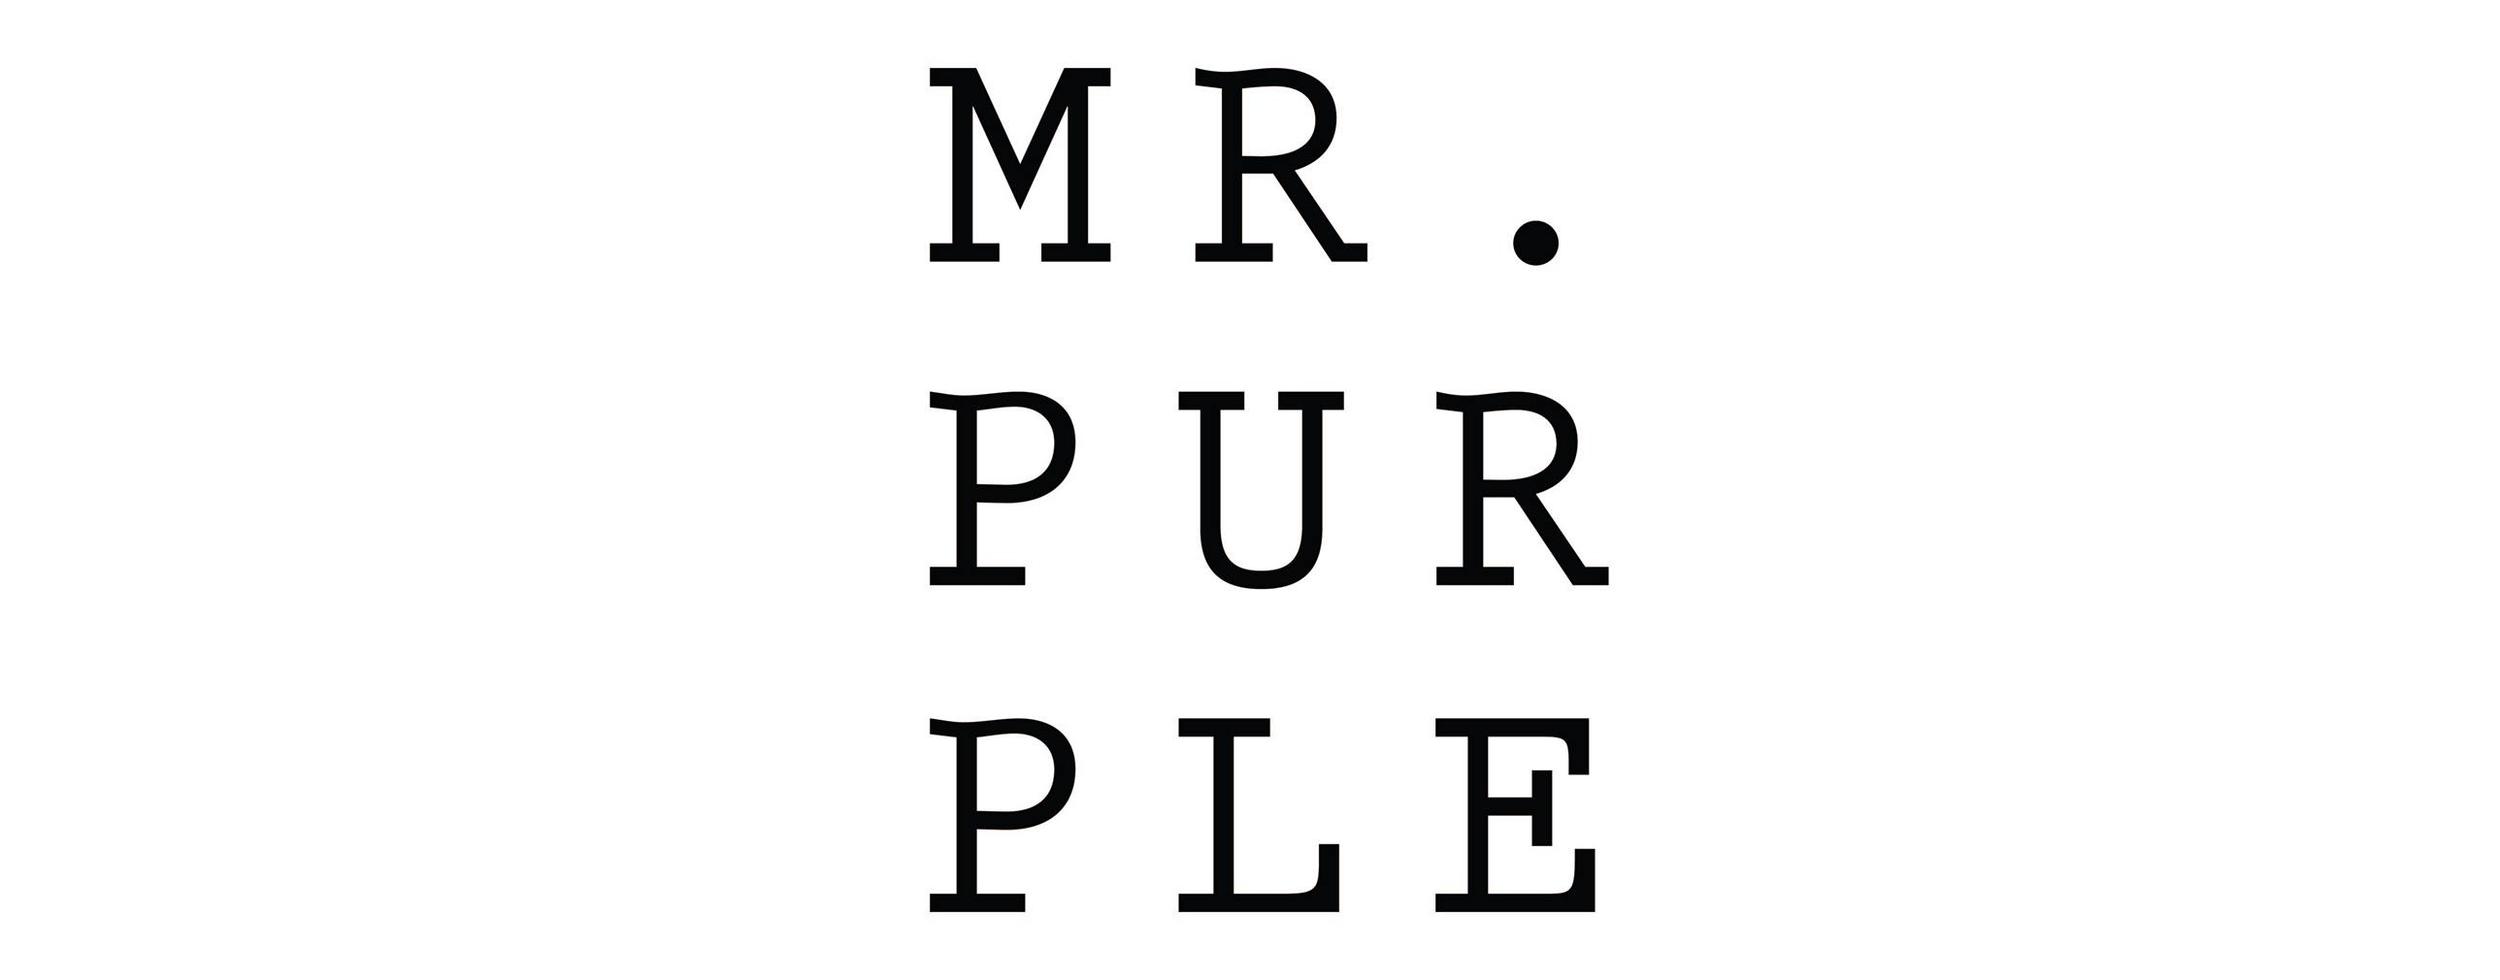 mr. purple copy-transparent.png